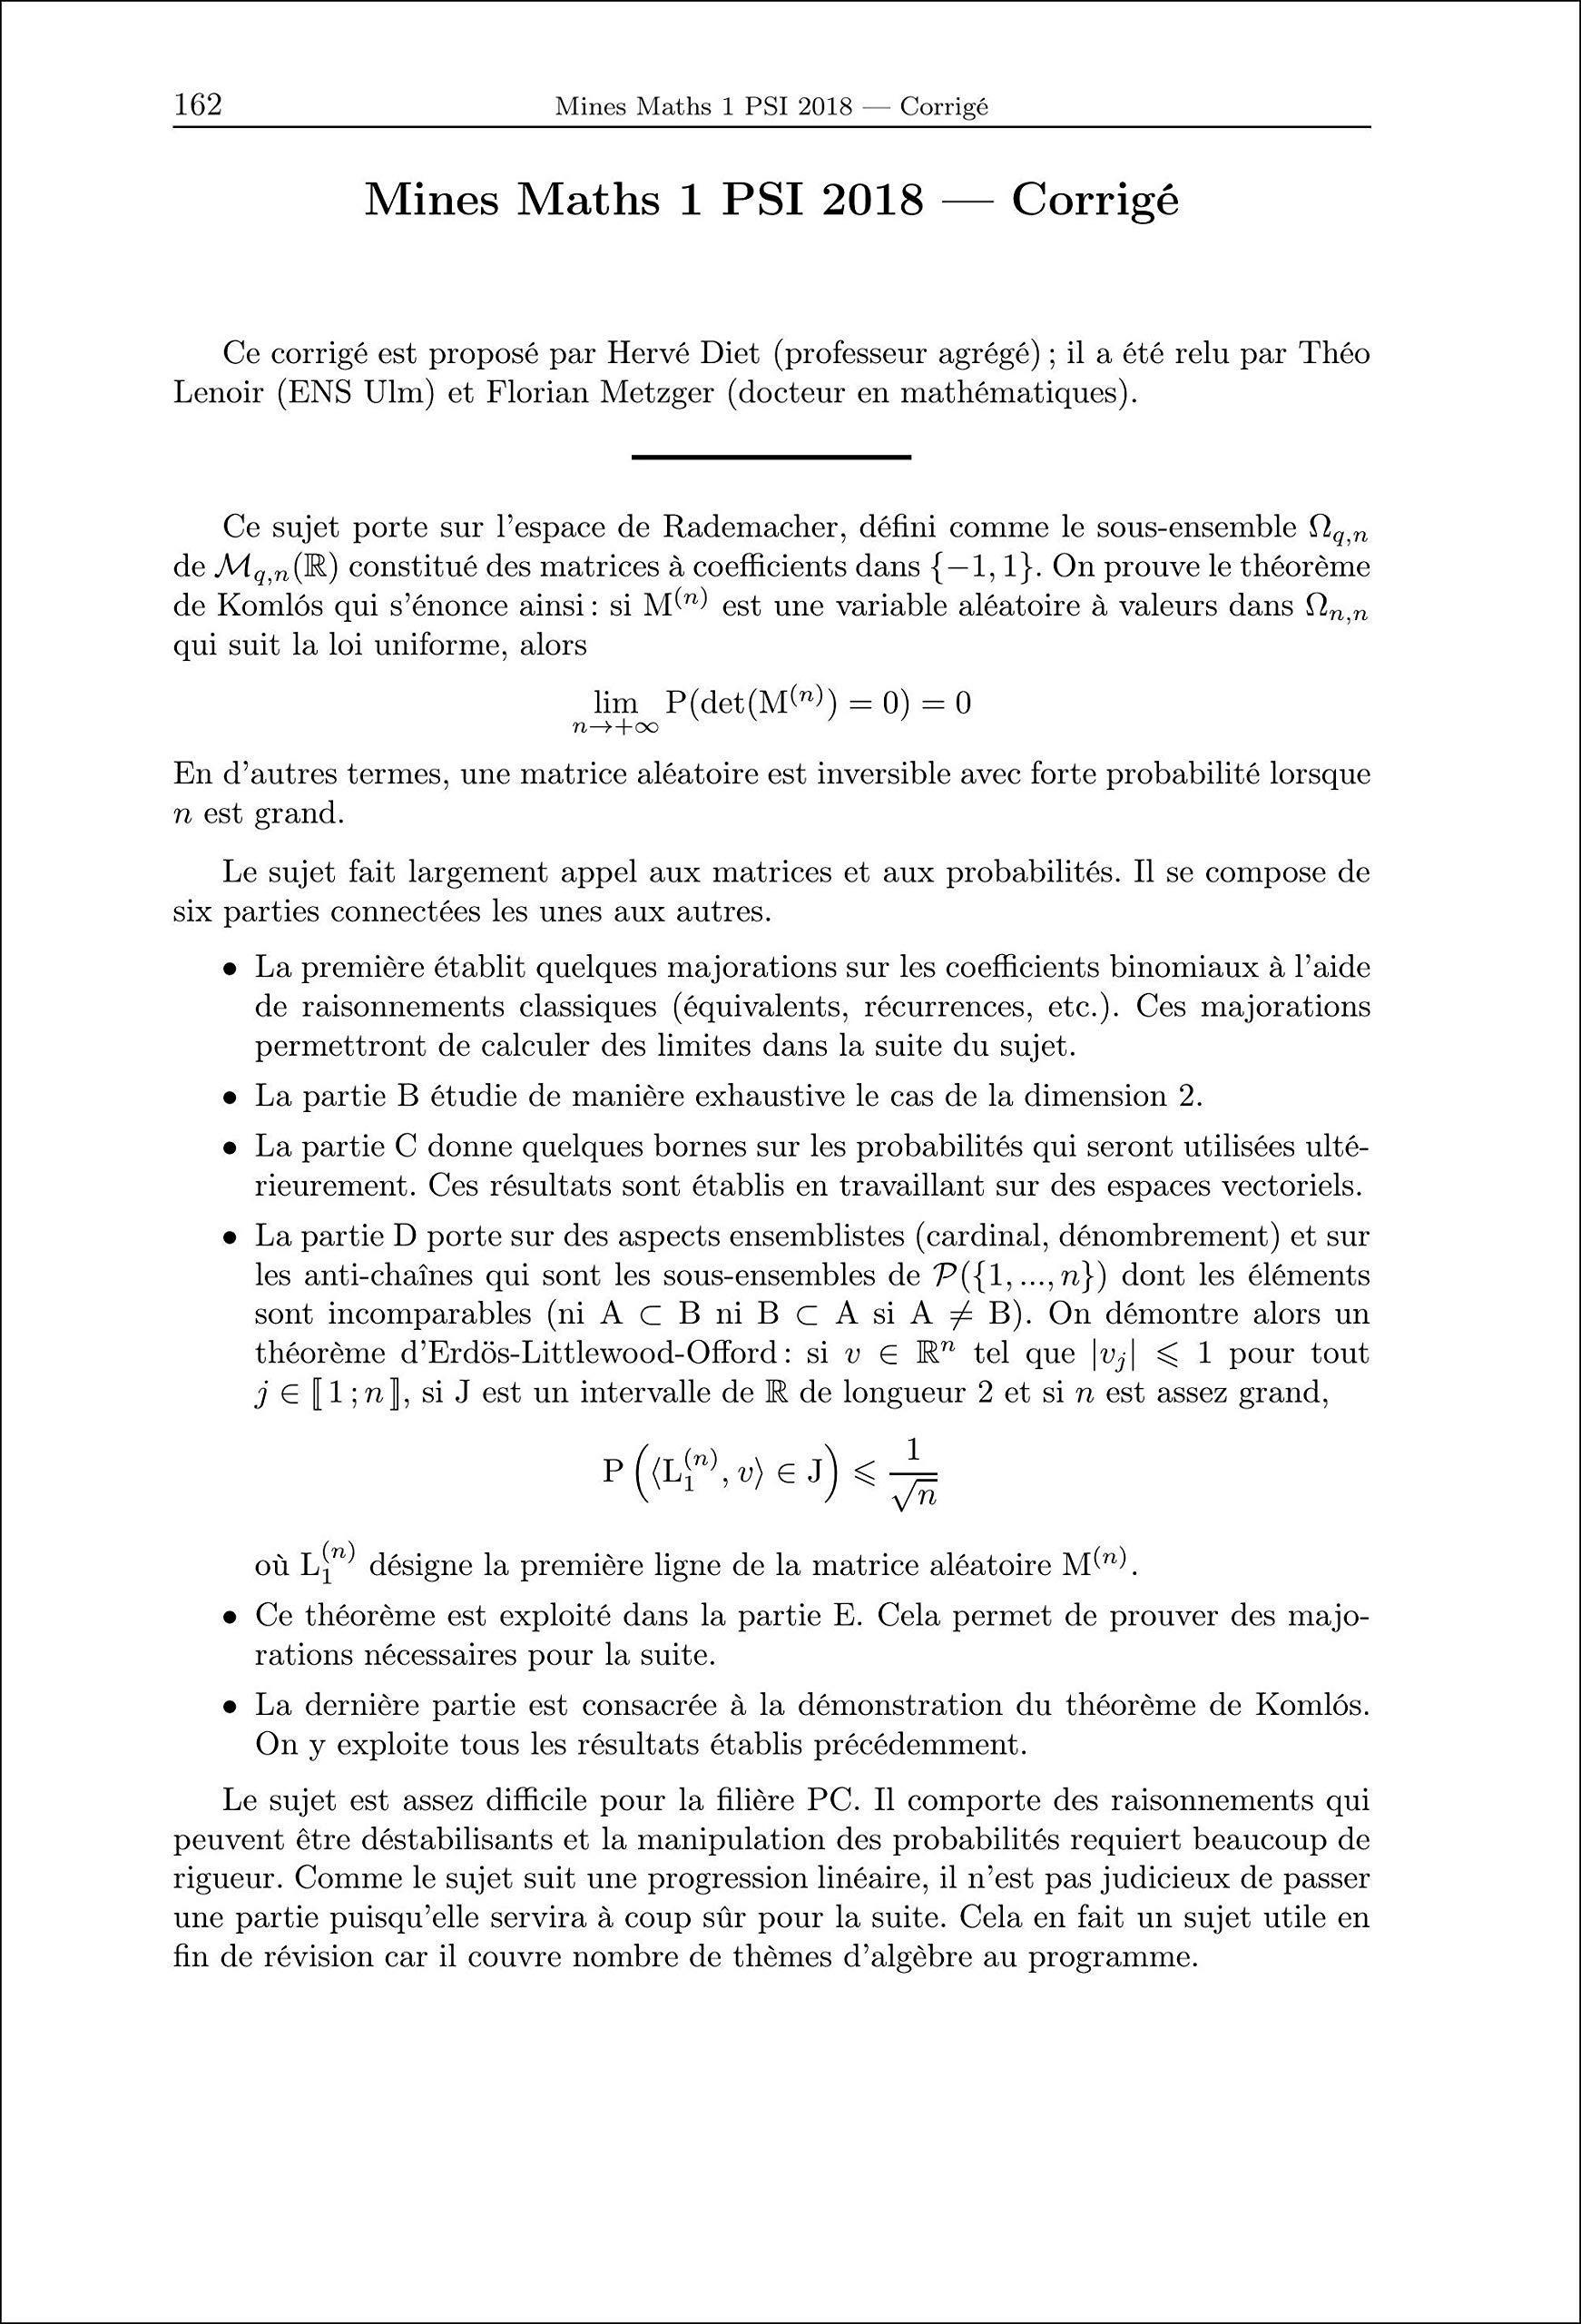 Mathématiques, Informatique PSI Annales des concours: Amazon.es: Collectif, William Aufort, Benjamin Monmege, Vincent Puyhaubert: Libros en idiomas ...